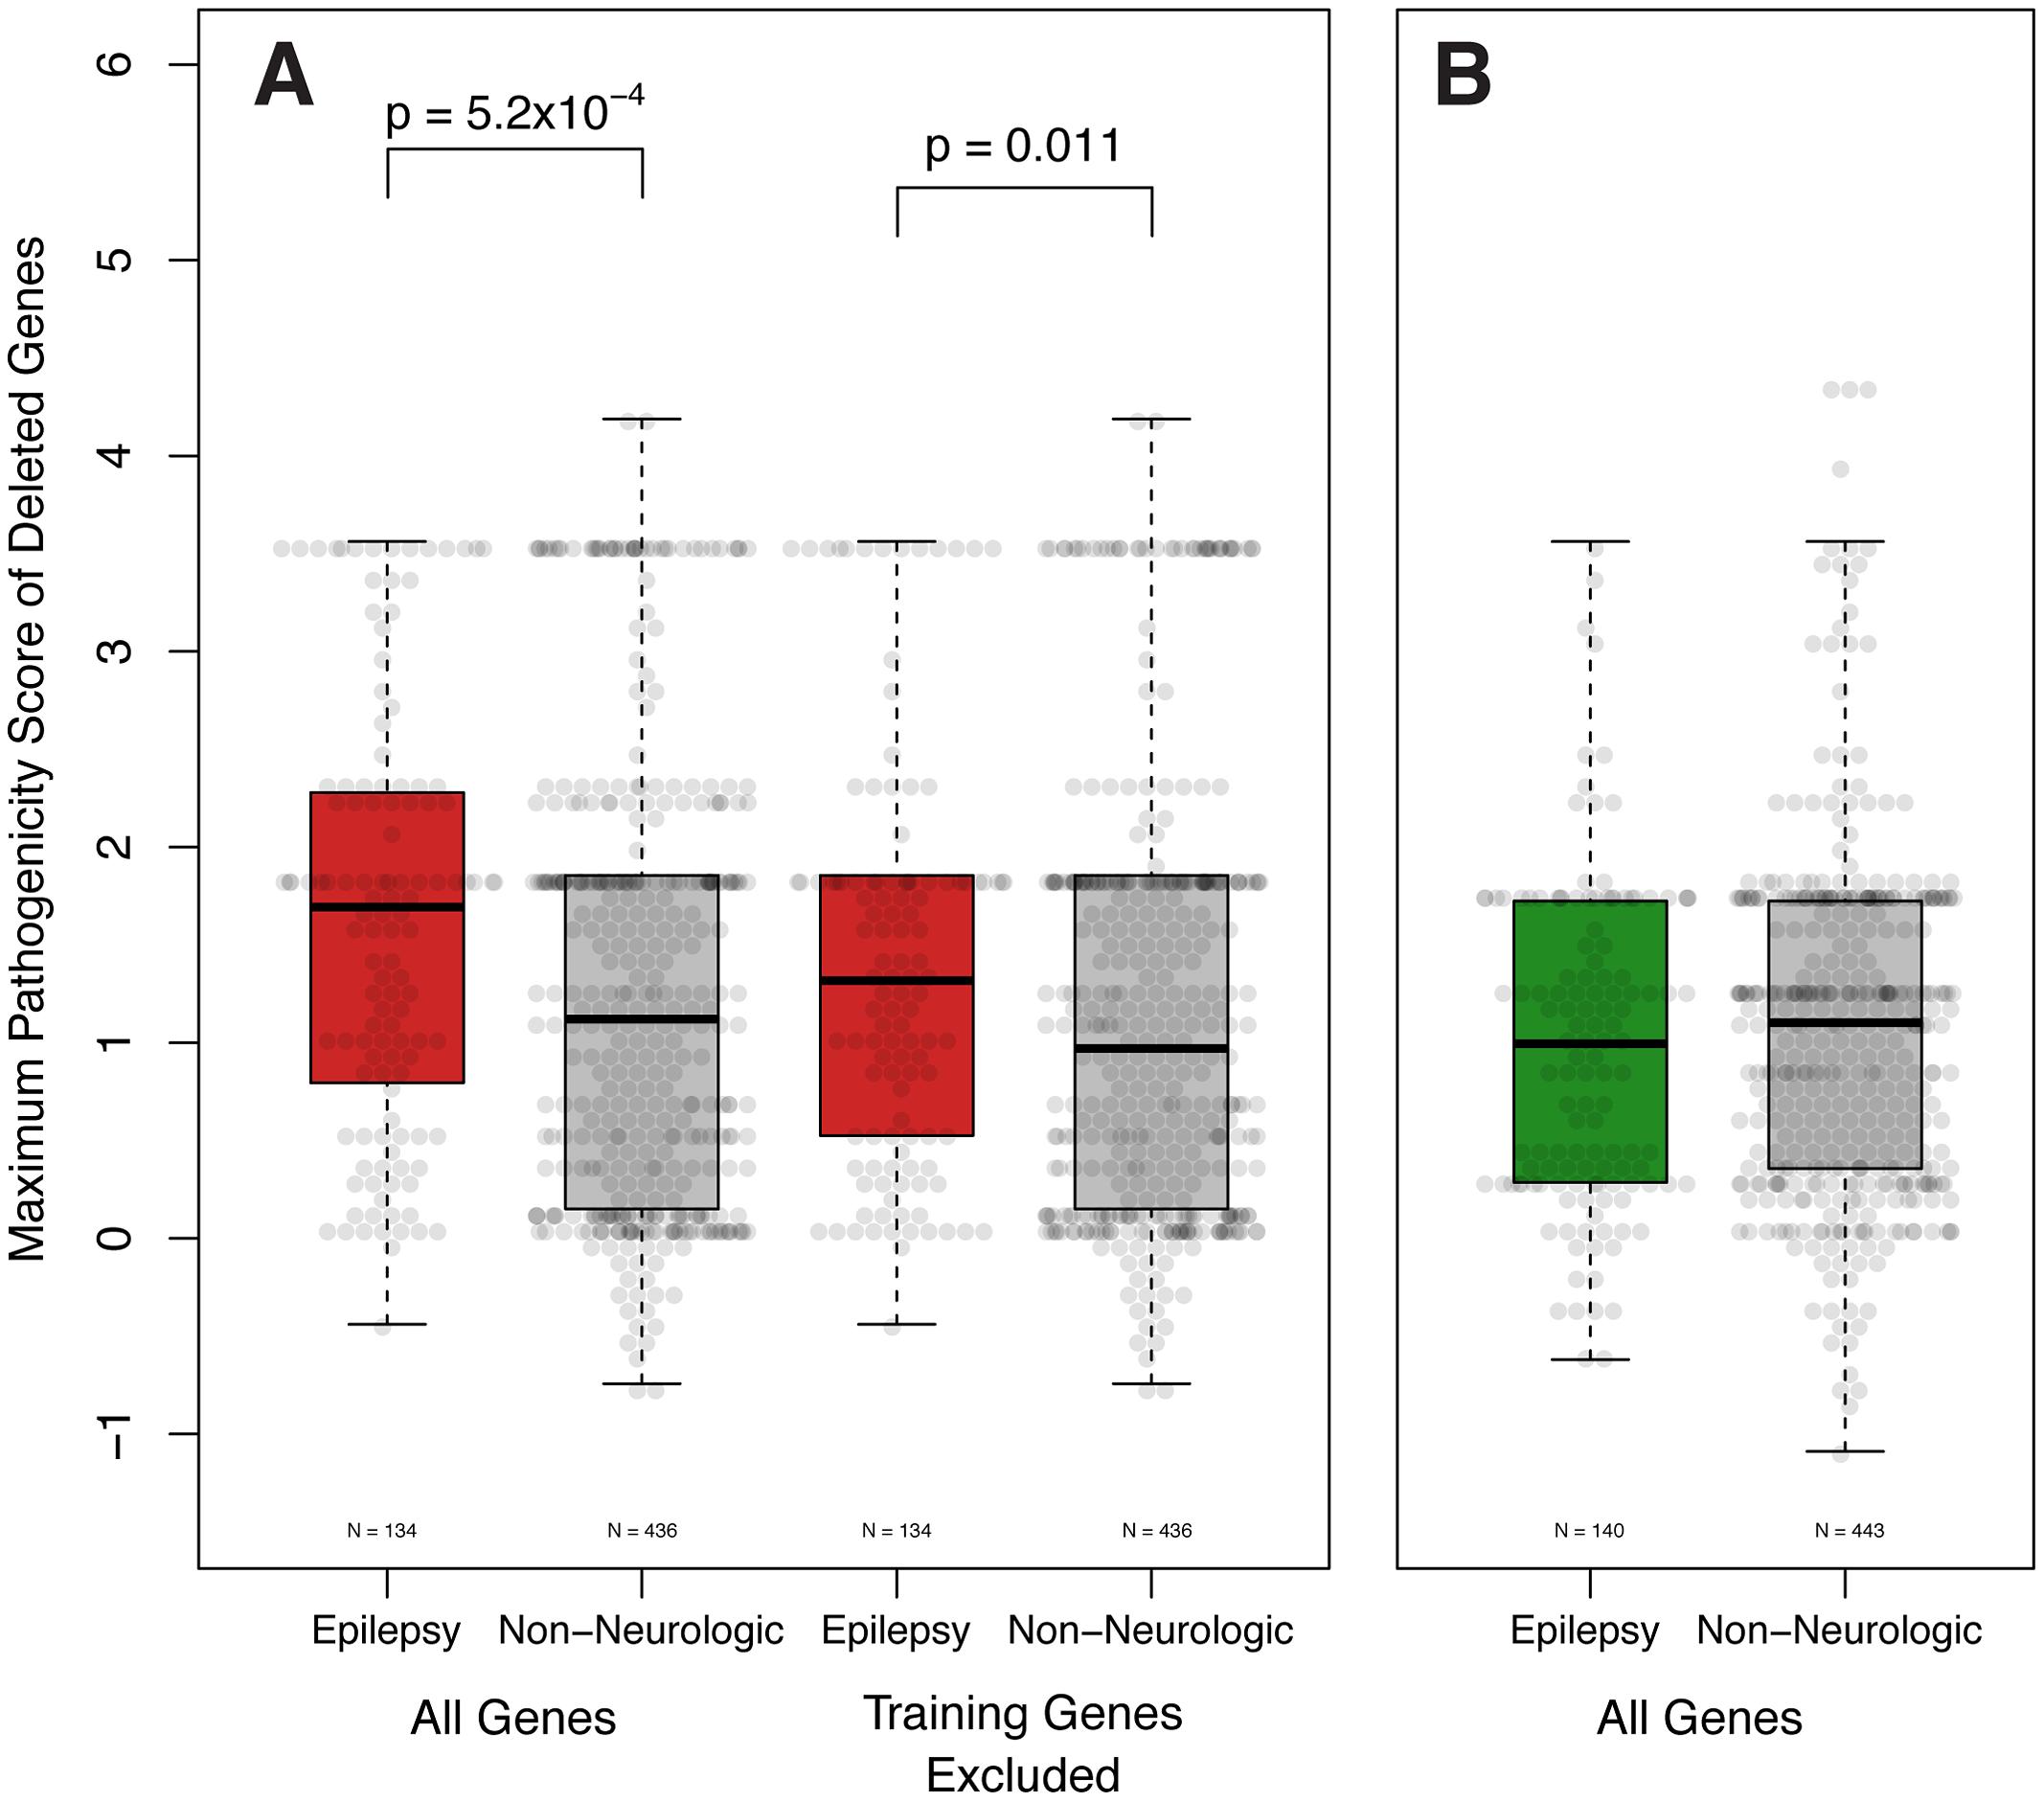 Epilepsy pathogenicity score correlates with epilepsy phenotype. A.